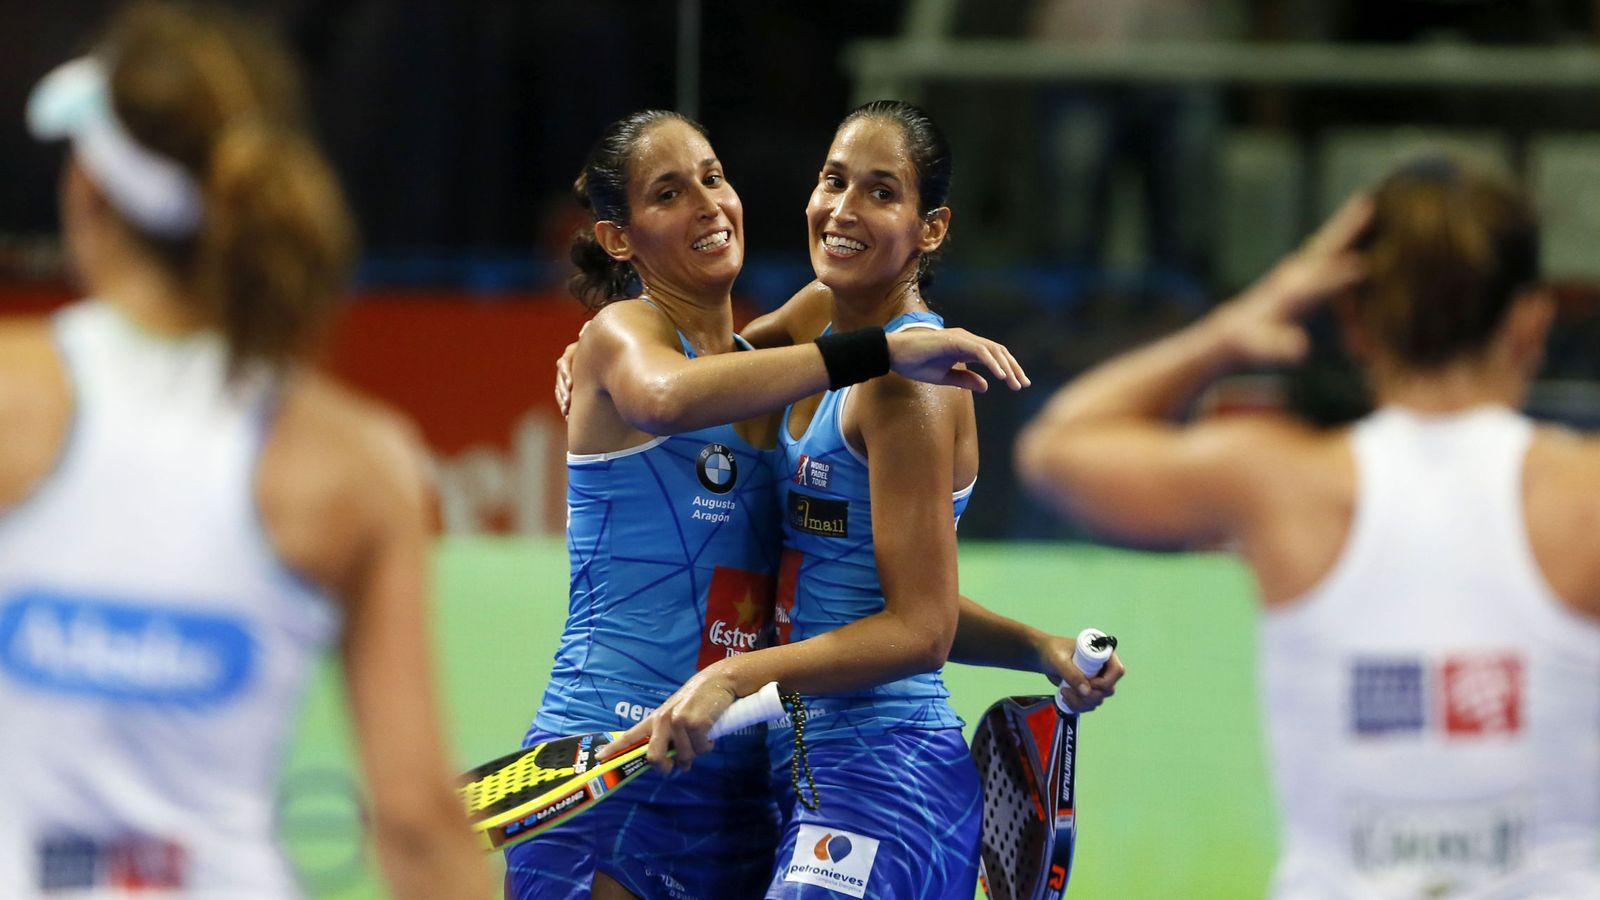 Foto: Las hermanas Sánchez Alayeto han ganado ya cinco torneos esta temporada. (EFE)